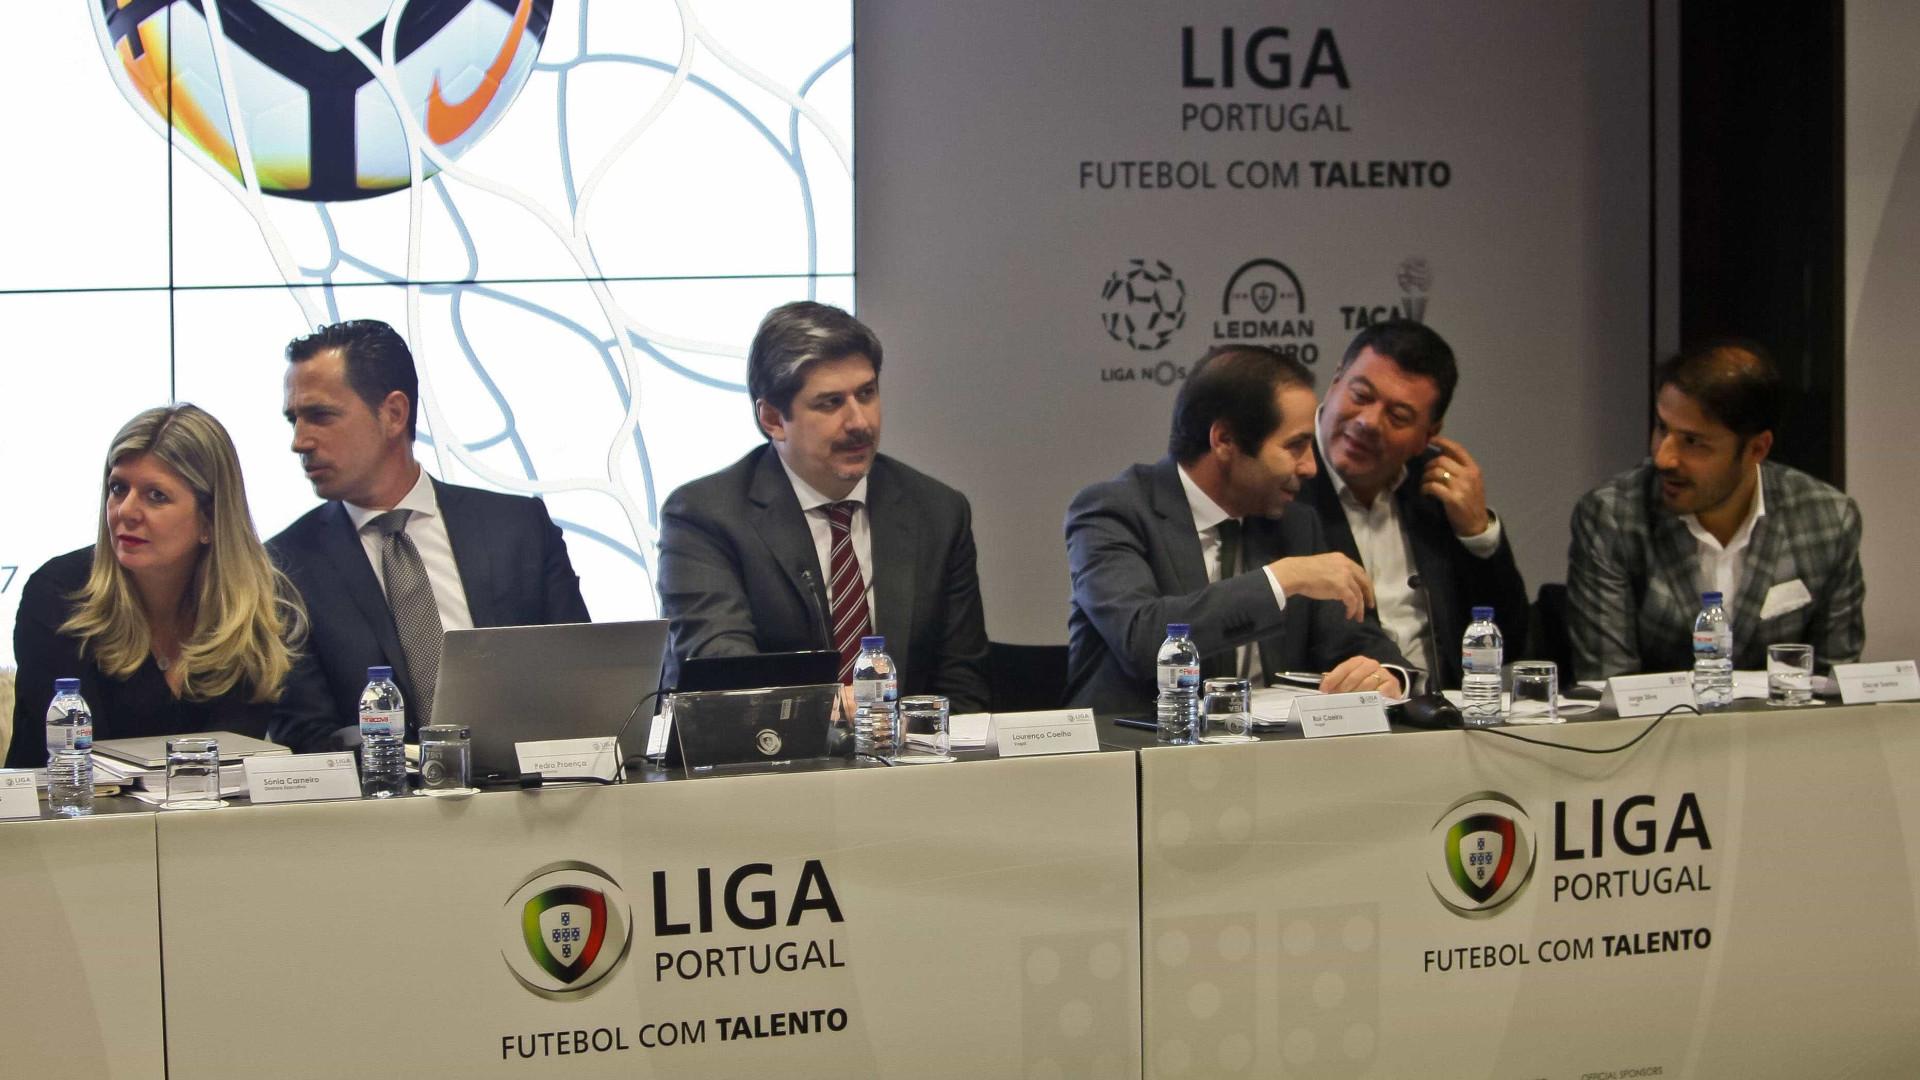 Maioria dos clubes aprovou mudanças, mas Sporting e FC Porto estão contra